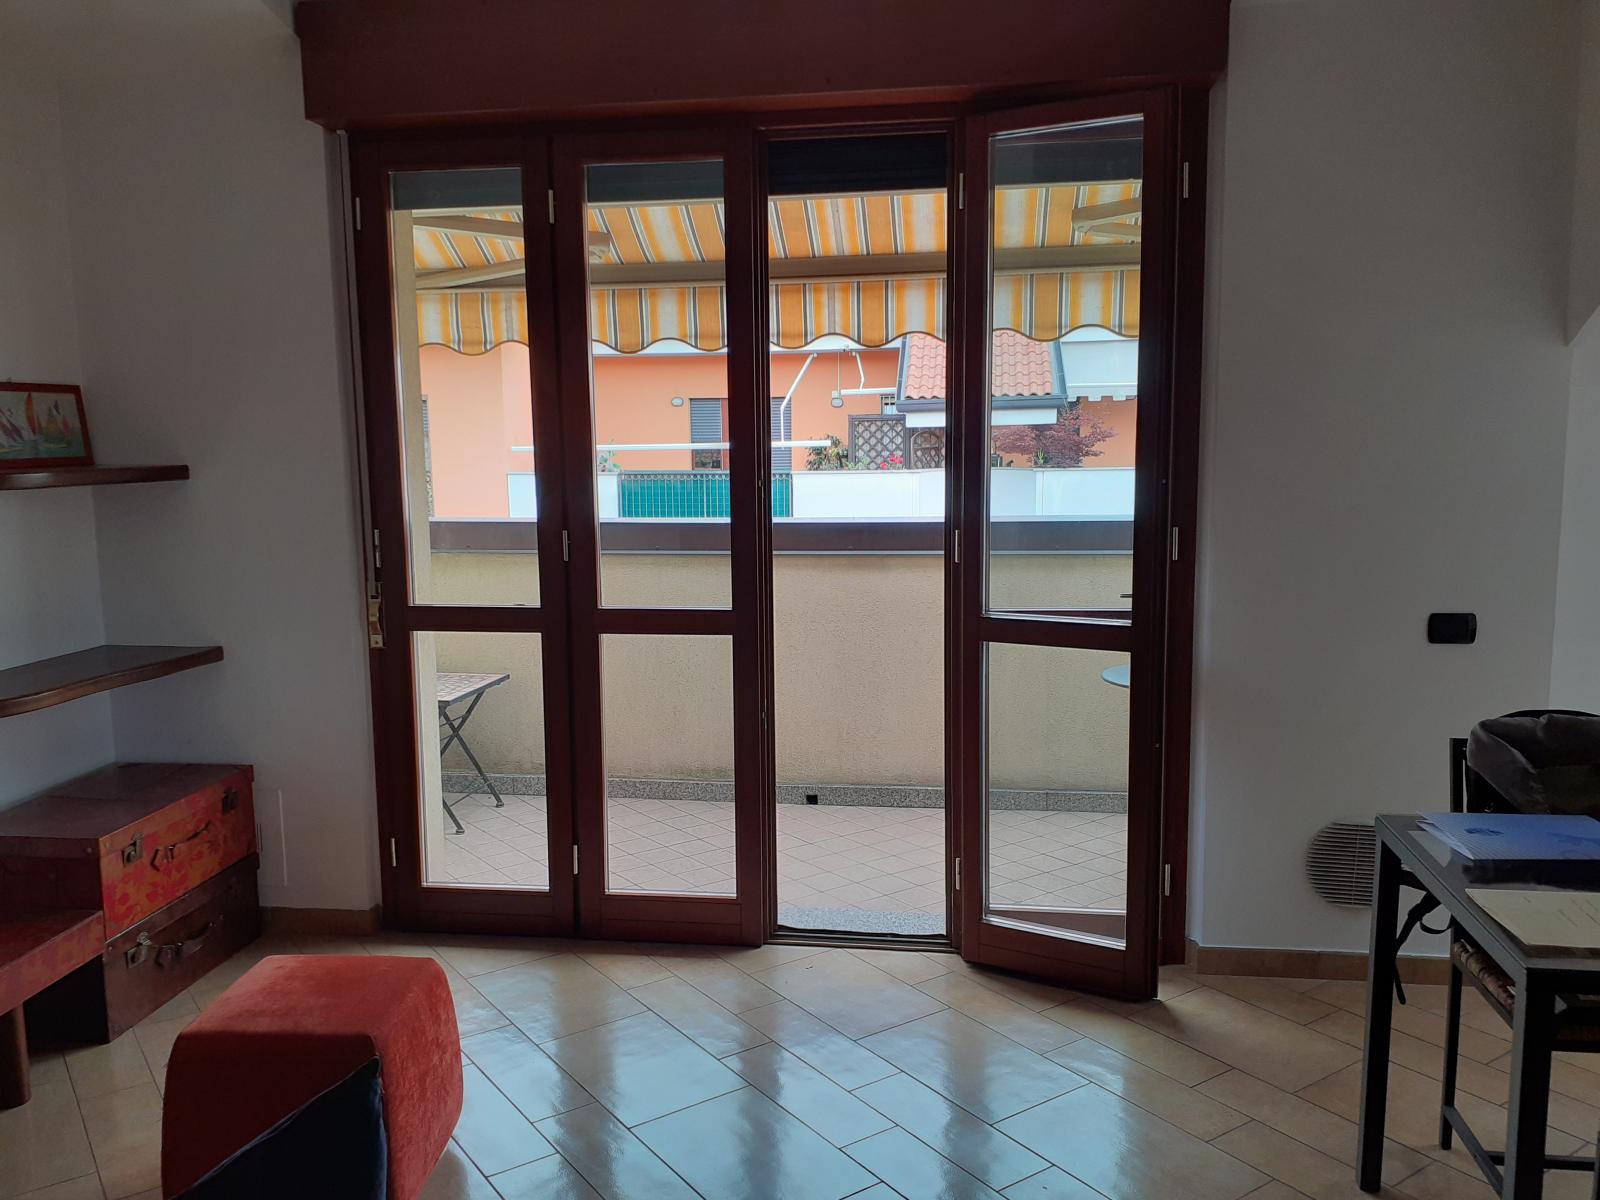 appartamento-in-vendita-bareggio-2-locali-bilocale-spaziourbano-immobiliare-vende-19